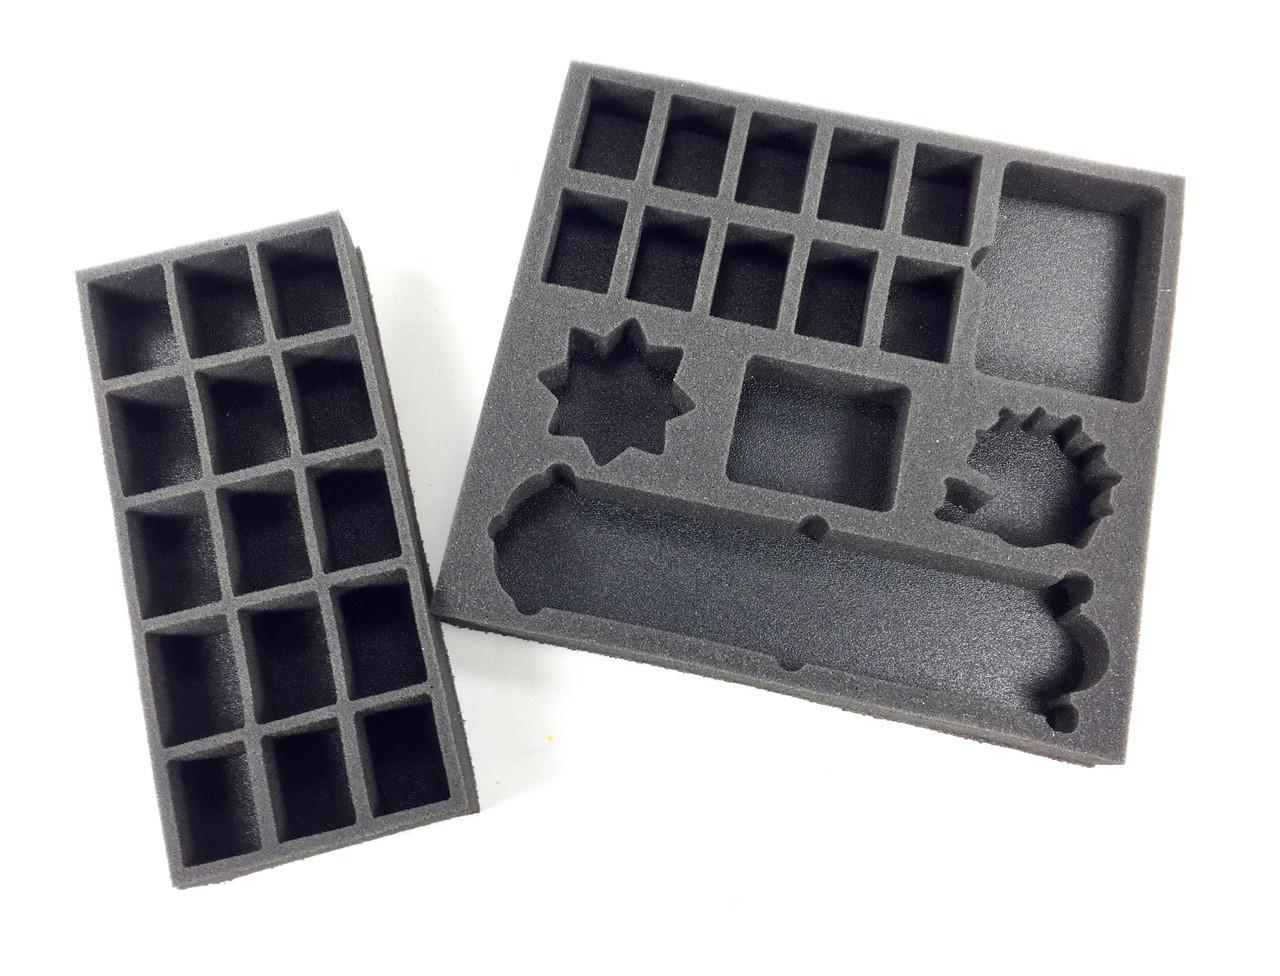 Blood Bowl Board Game Foam Kit Battle Foam A társasjátékokban minden korosztály örömét lelheti. blood bowl board game foam kit